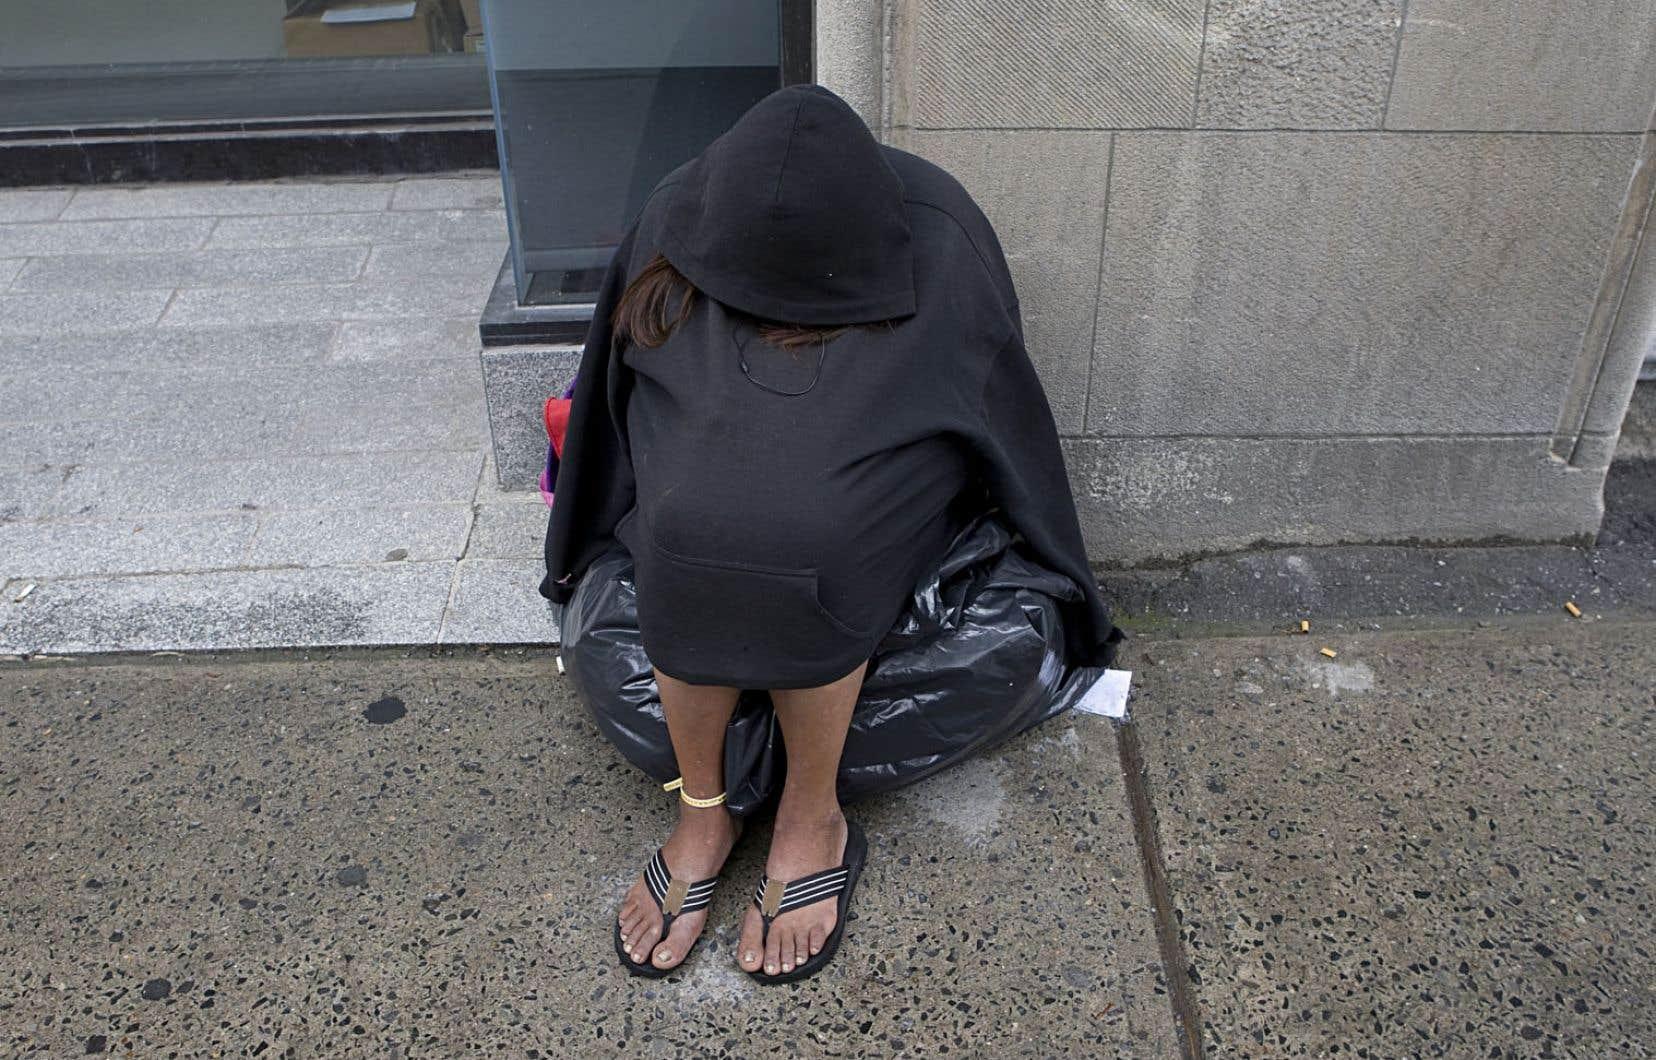 L'Agence de la Santé de Montréal a désigné quatre hôpitaux pour répondre aux besoins des itinérants qui doivent être hospitalisés pour des problèmes de santé mentale.